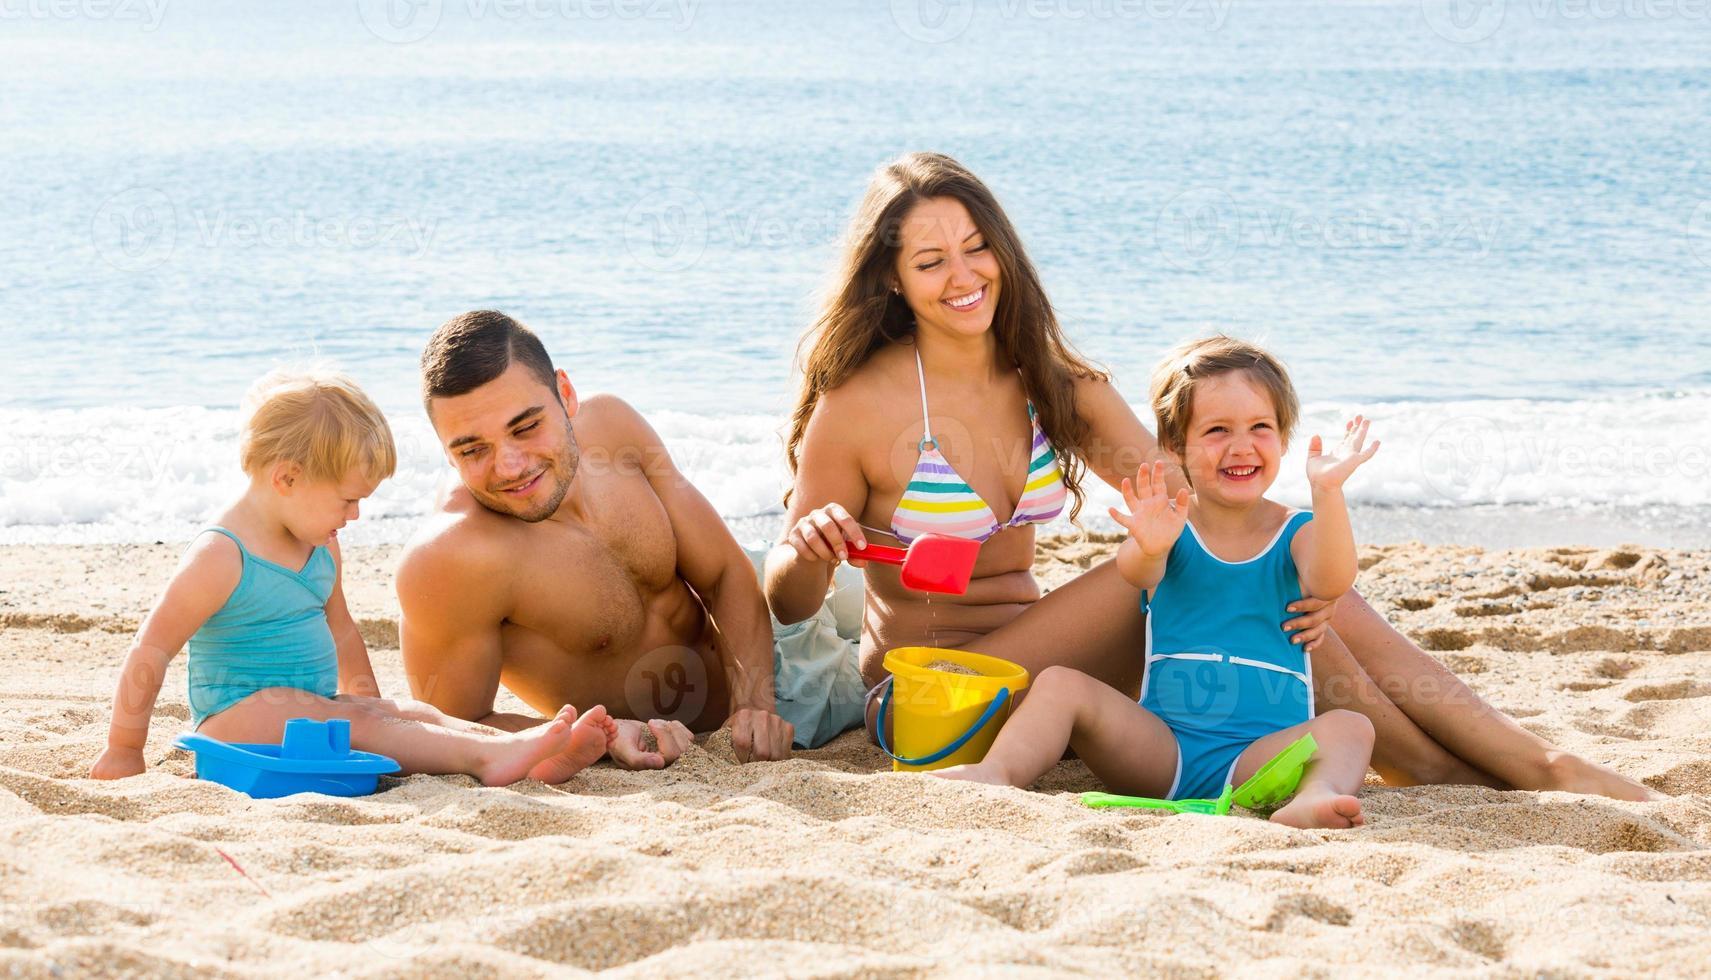 familia de cuatro en la playa foto